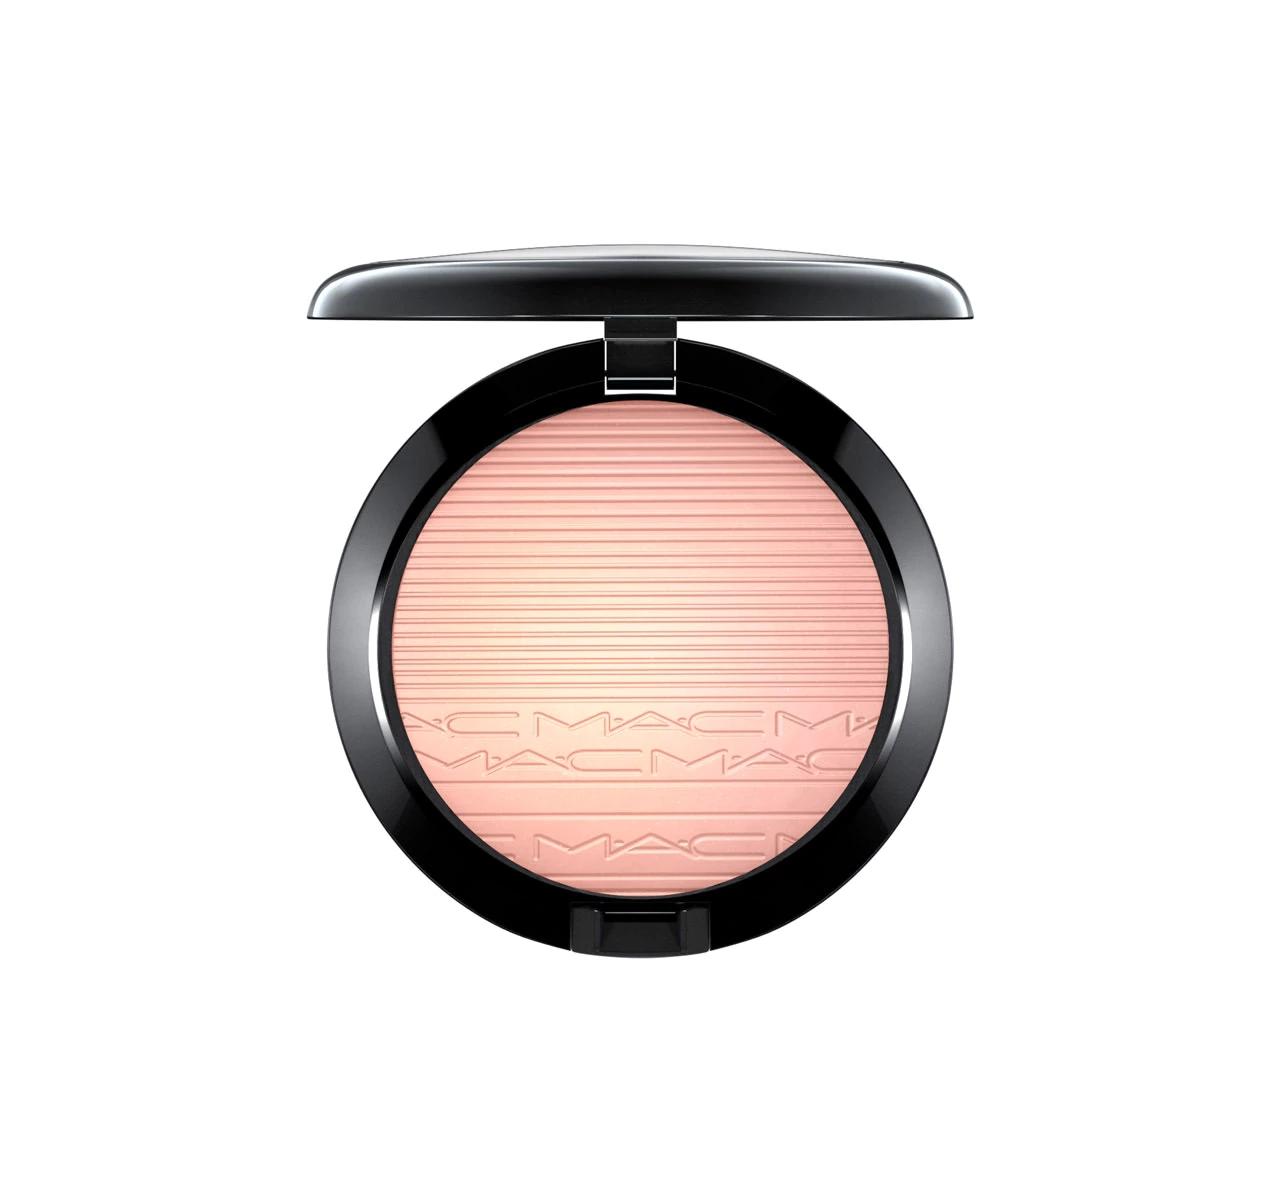 MAC 魅可美網:遮瑕和高光 全線7折 ¥167收限定錦鯉高光